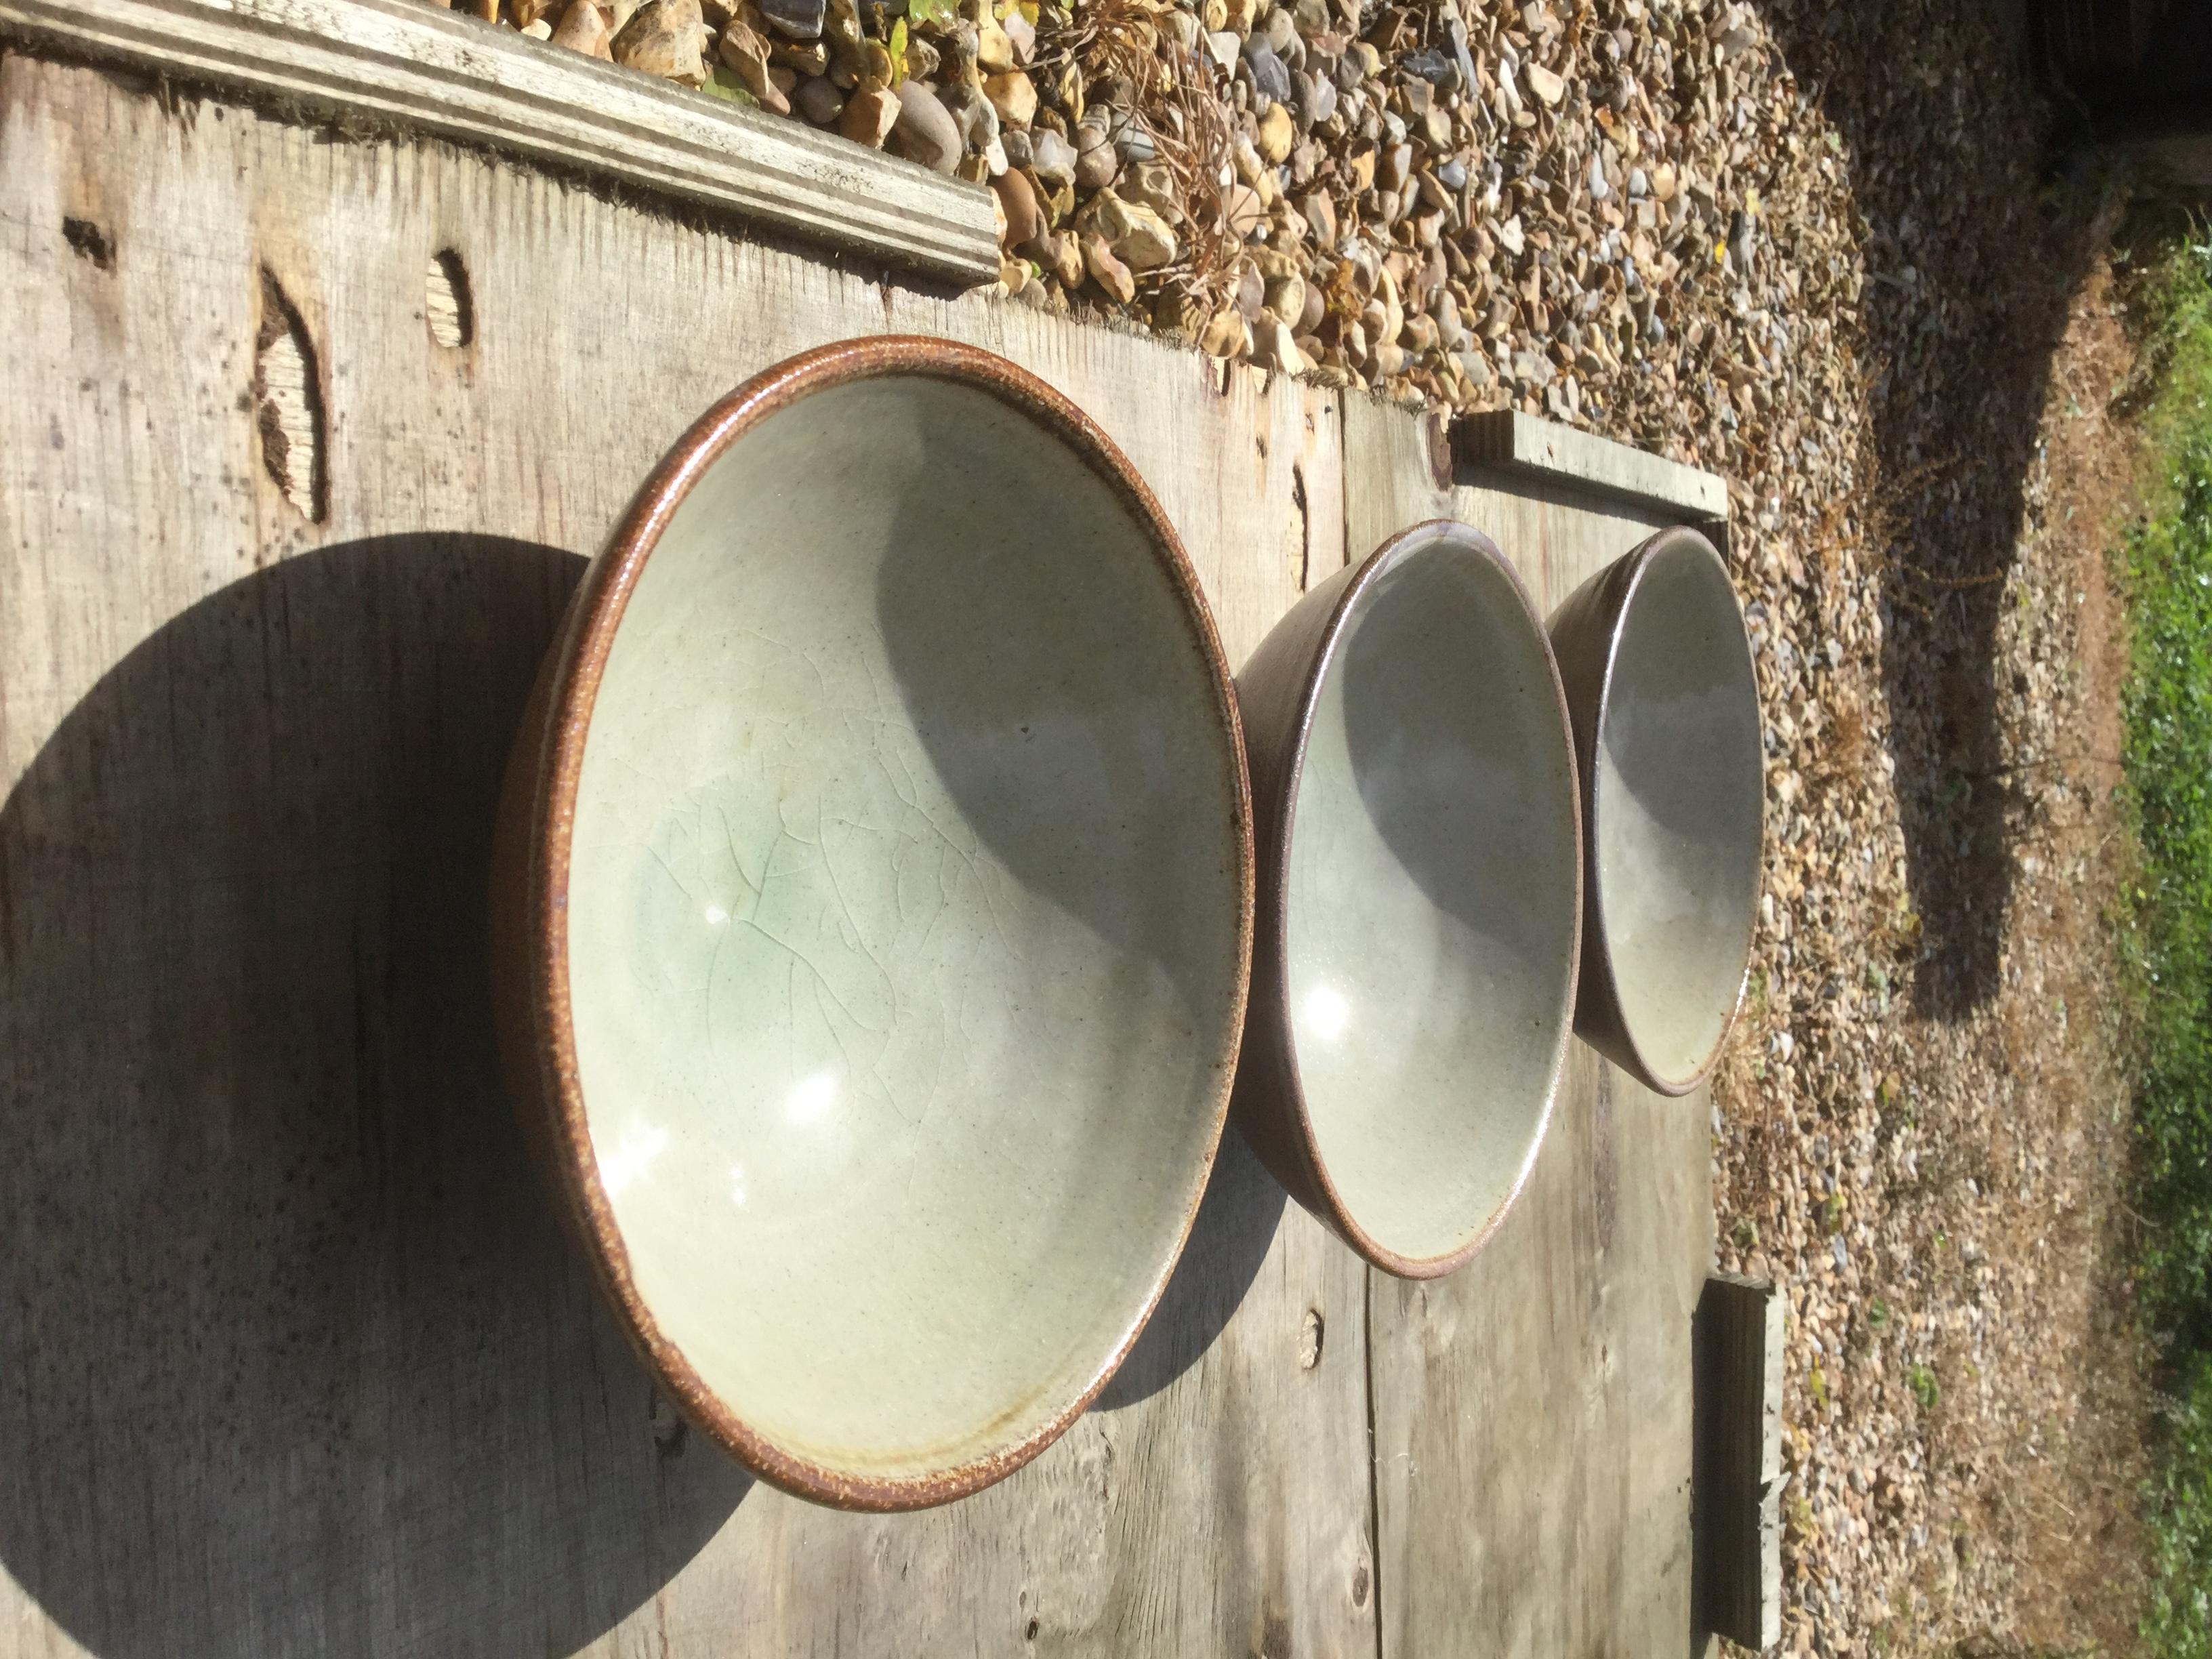 kiln unloading - bowls